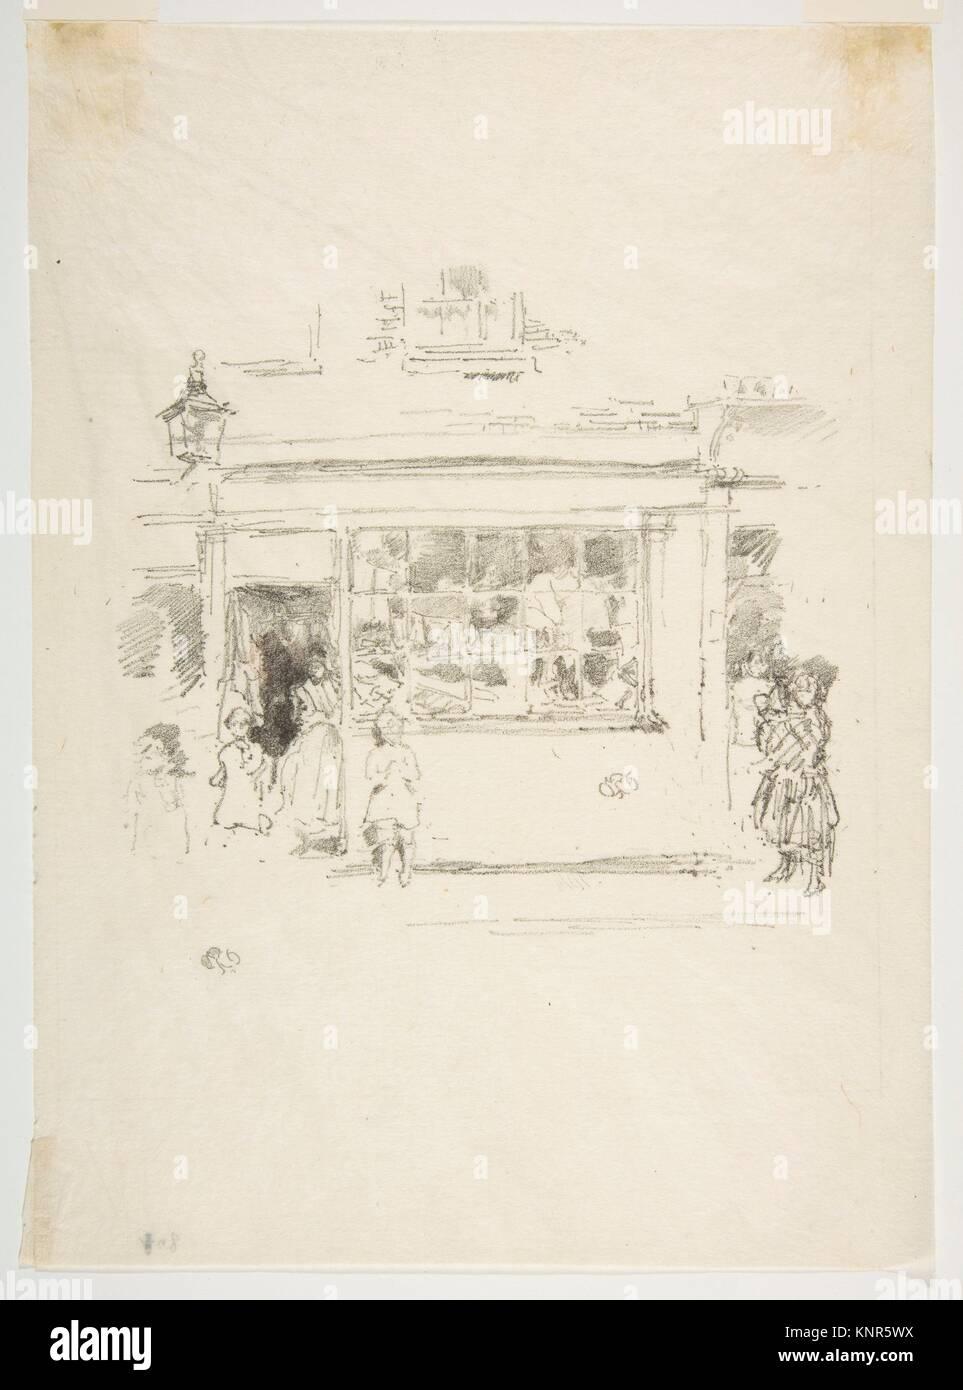 Drury Lane Rags. Artist: James McNeill Whistler (American, Lowell, Massachusetts 1834-1903 London); Date: 1888; - Stock Image